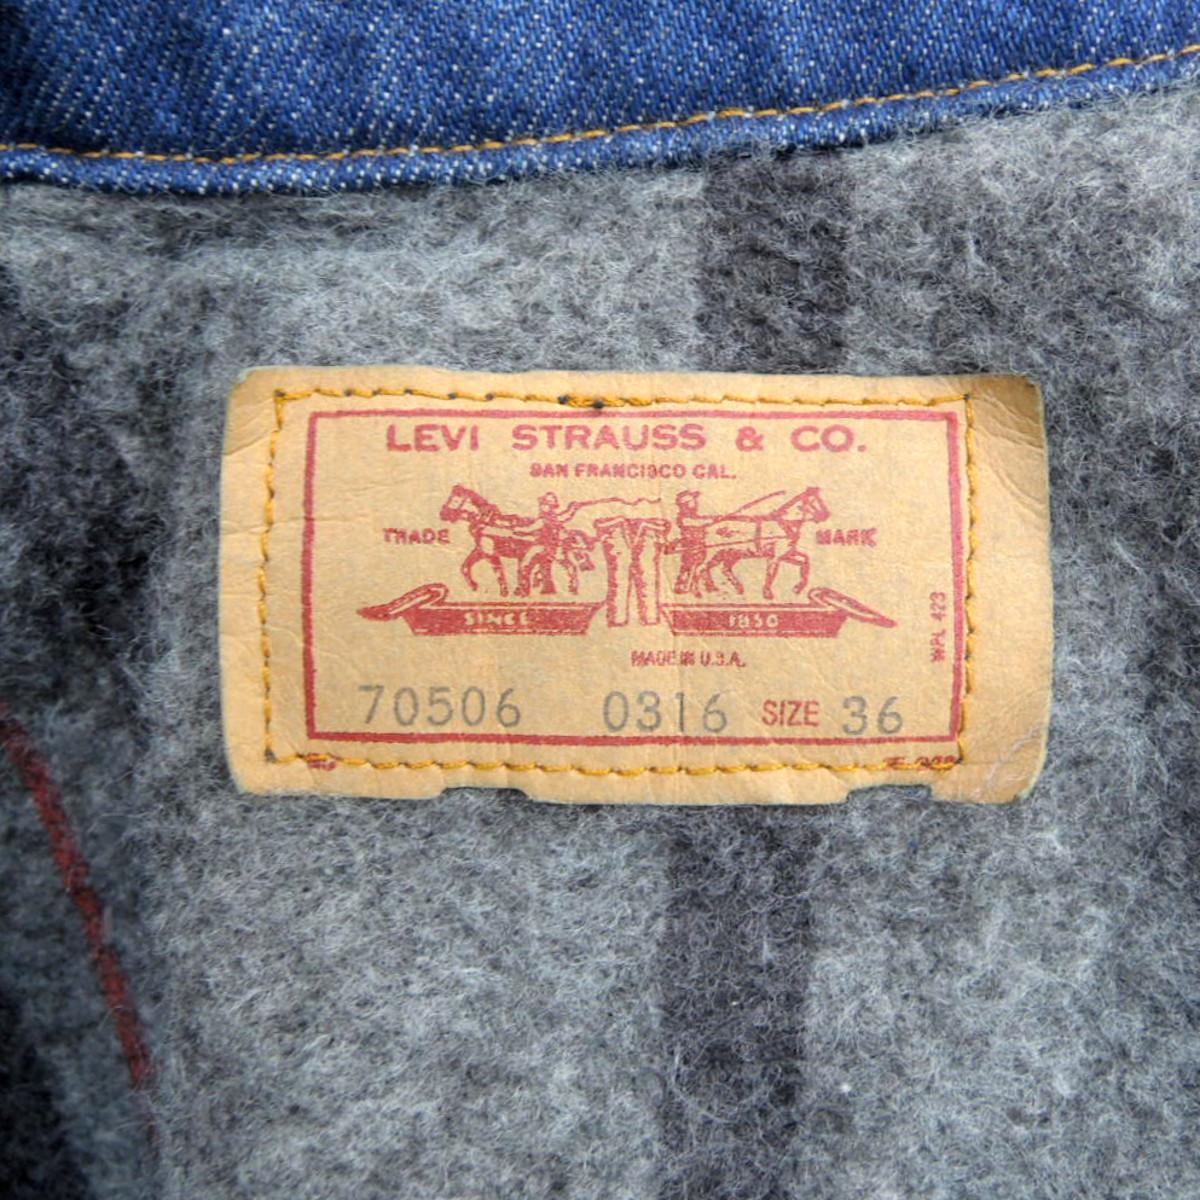 ☆送料無料☆ デッドストック 80s ビンテージ LEVIS リーバイス 70506 USA製 デニム ジャケット Gジャン ジージャン ブランケット 古着_画像5